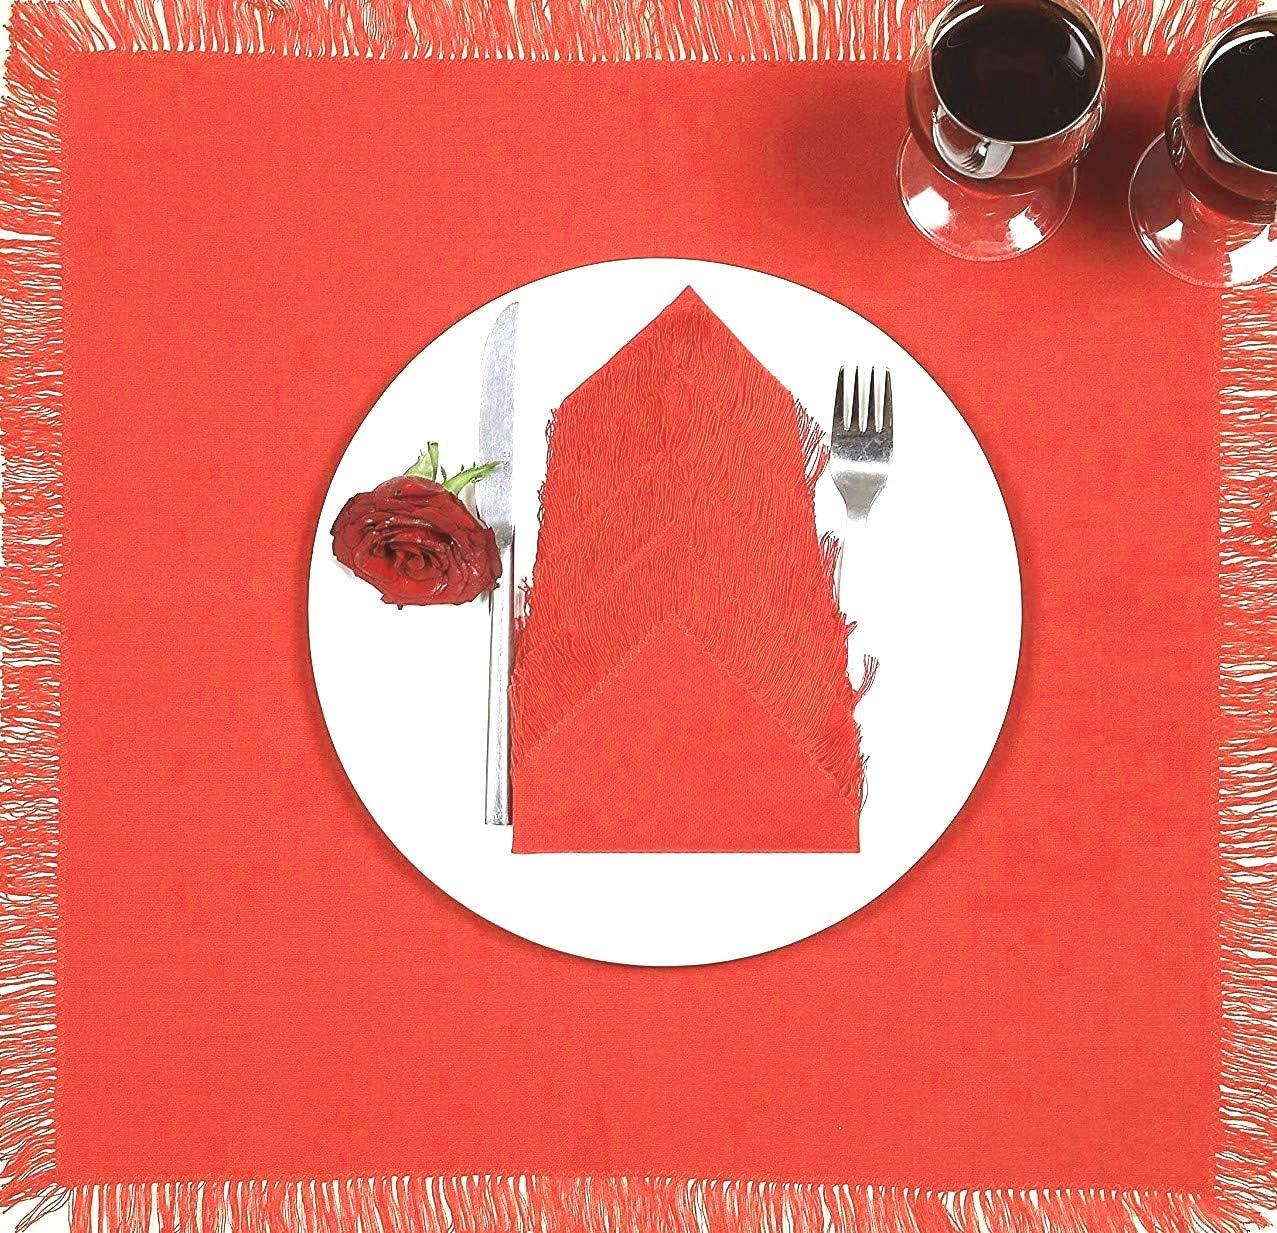 cene da t/è e feste morbidi e confortevoli in cotone Set di 12 tovaglioli in tessuto di cotone lavabili con frange 50 x 50 cm adatti per feste di nozze colore: rosso corallo